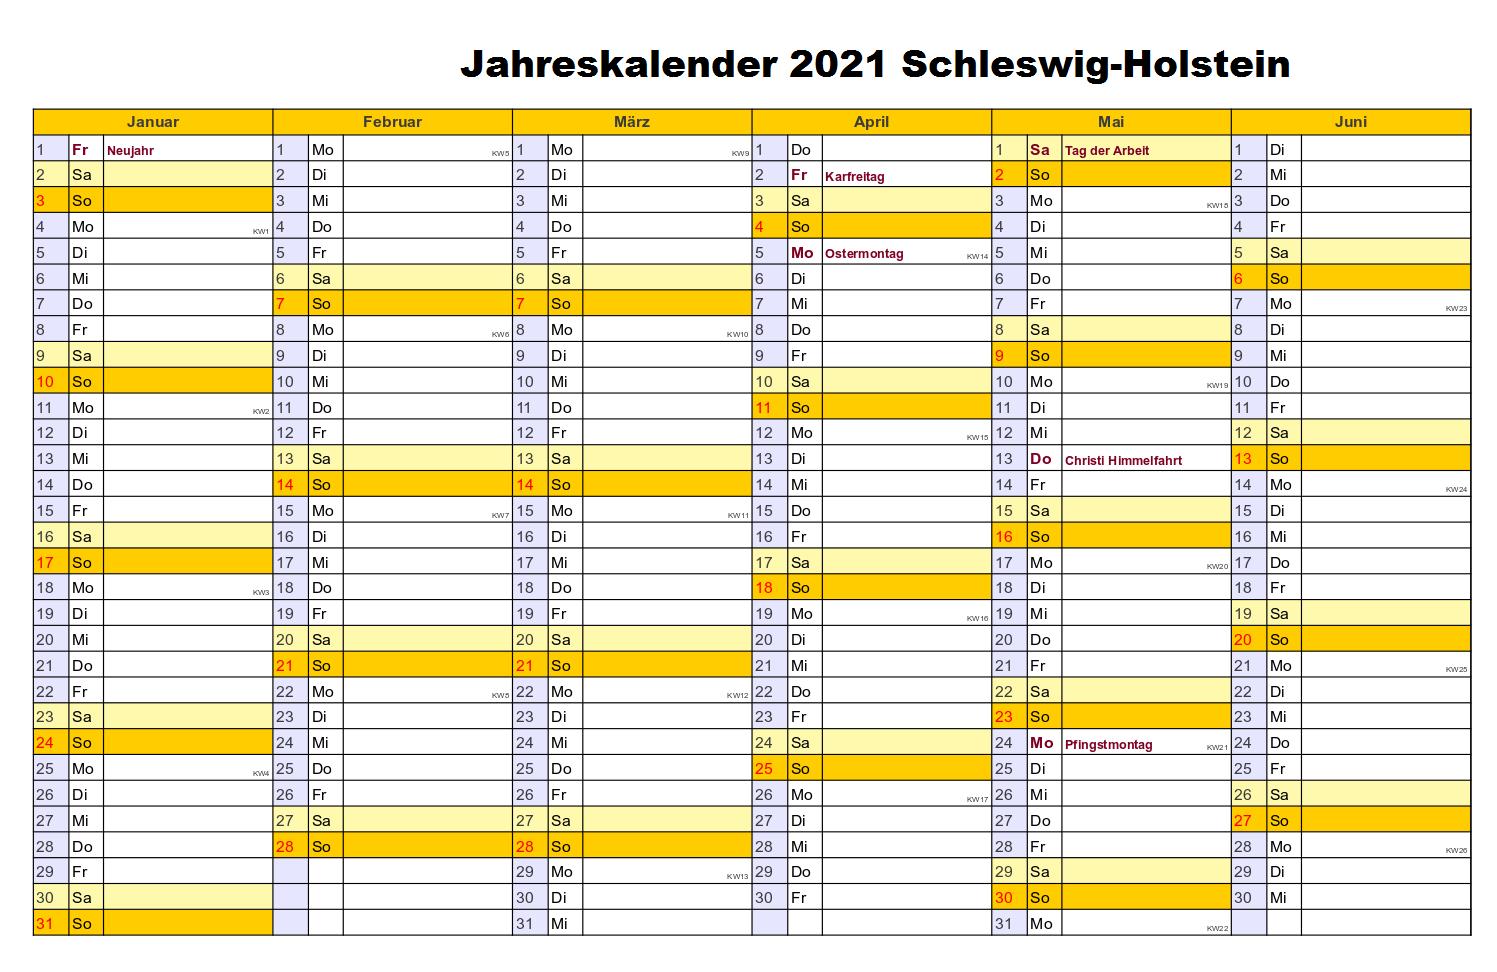 Kostenlos Jahreskalender 2021 Schleswig-Holstein Zum Ausdrucken